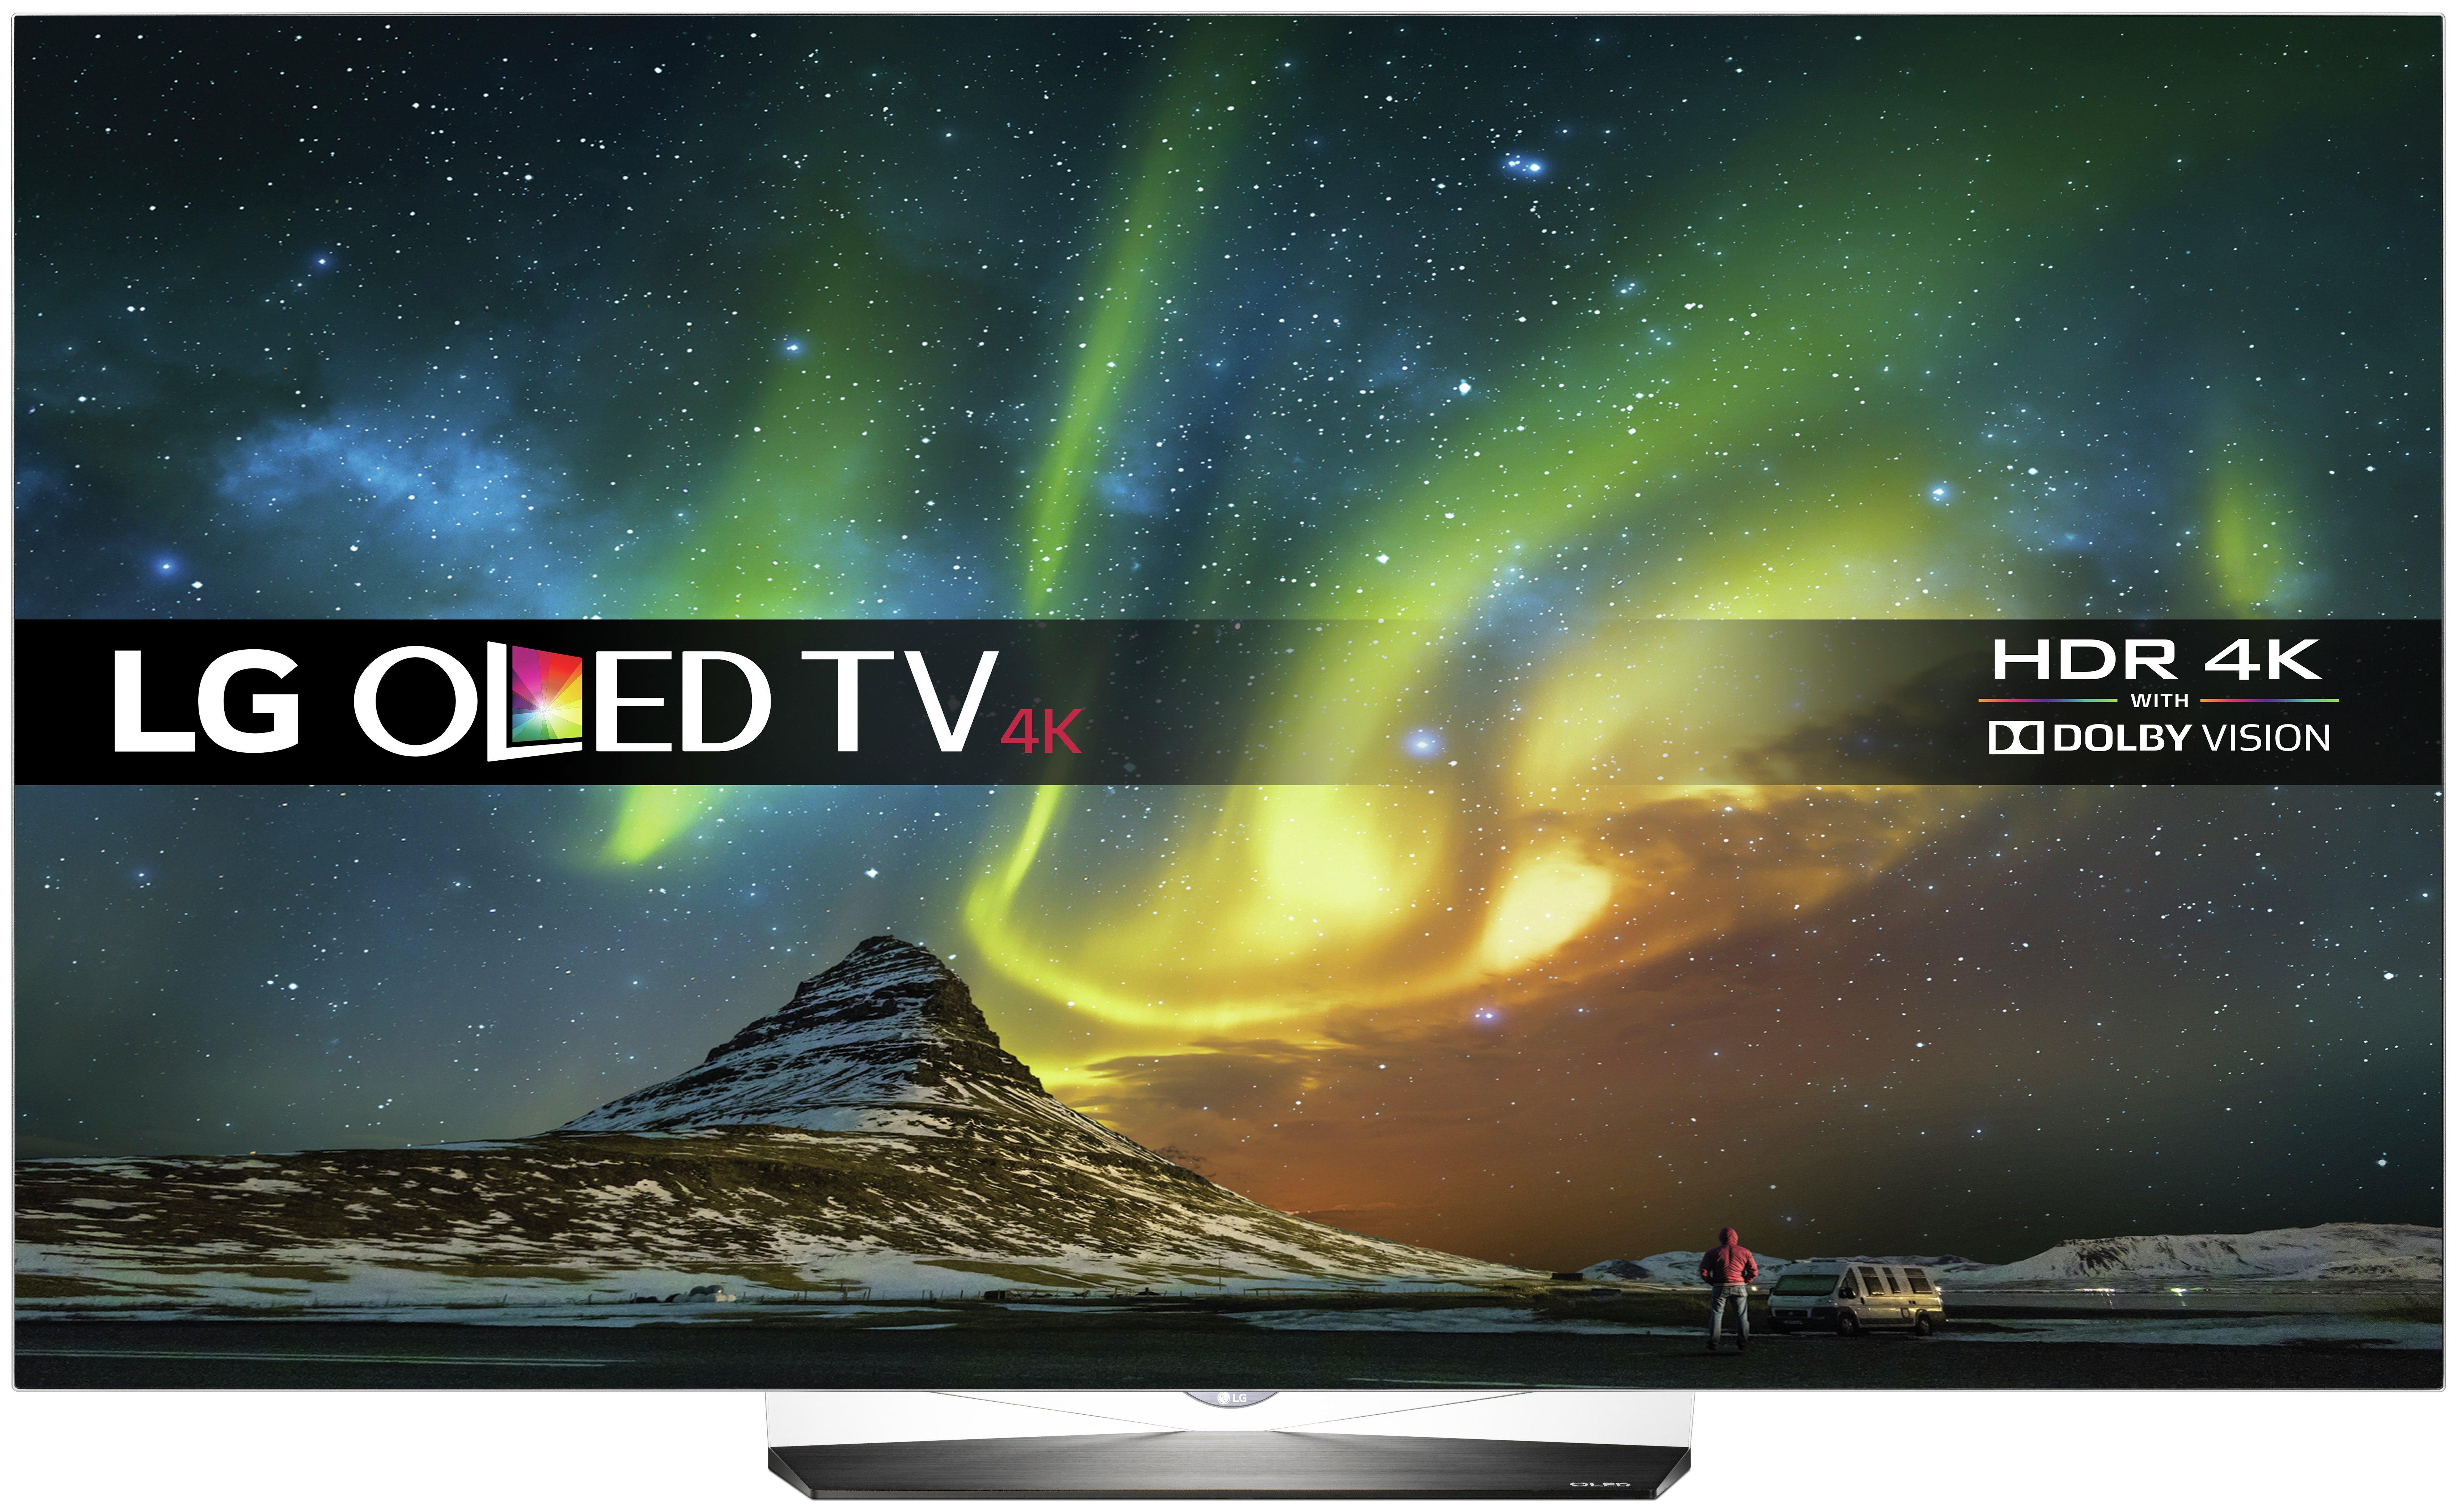 Image of LG OLED55B6V 55 inch Ultra HD Smart OLED TV.